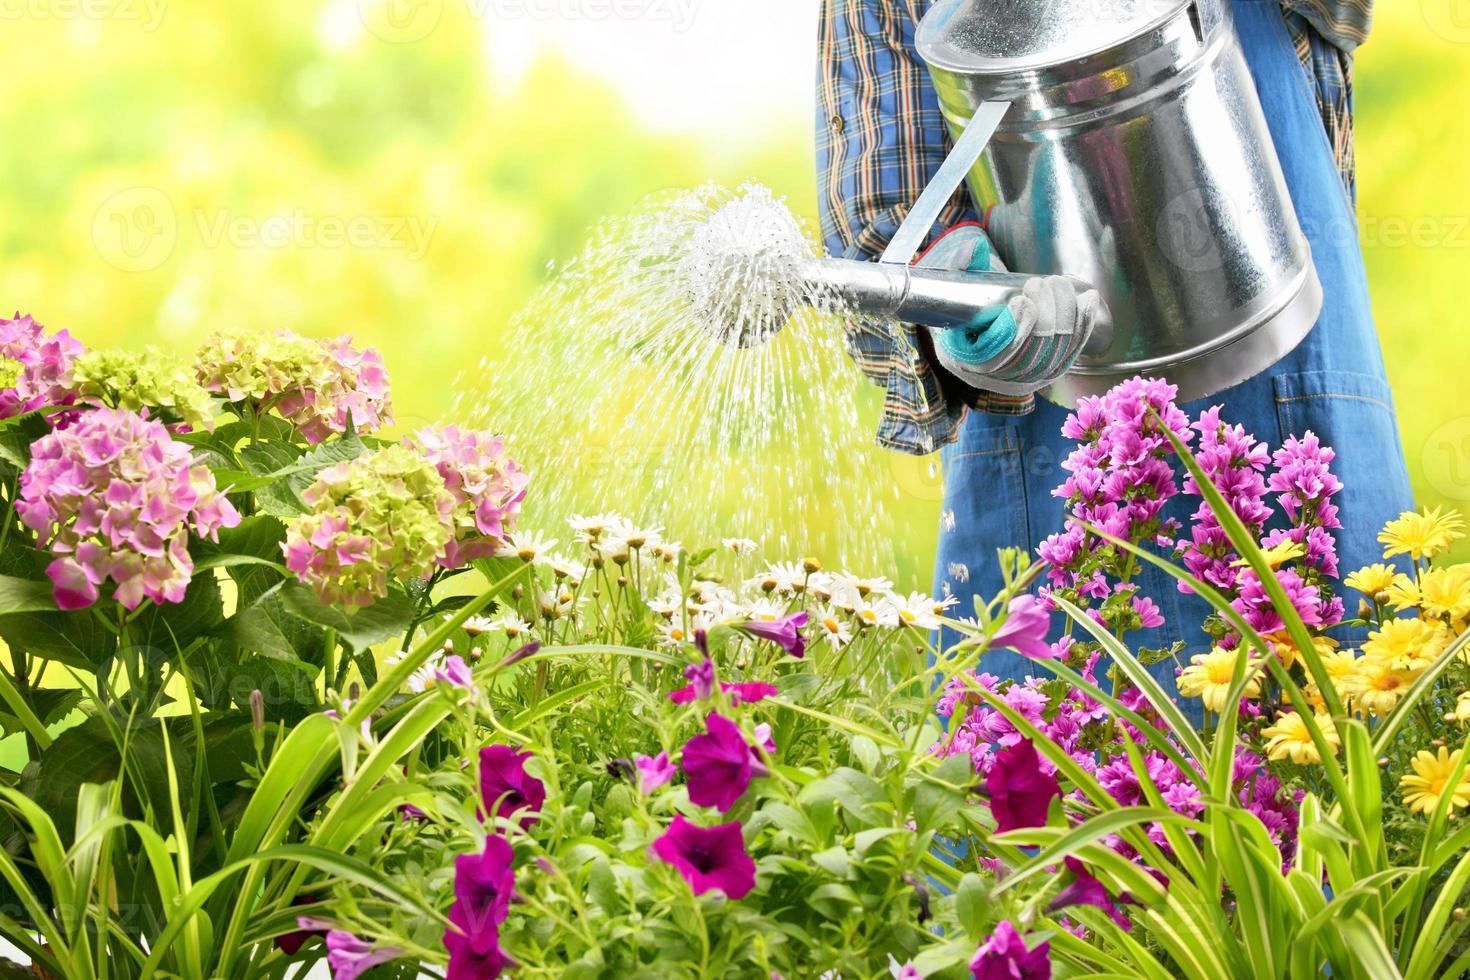 arrosage des fleurs dans le jardin photo